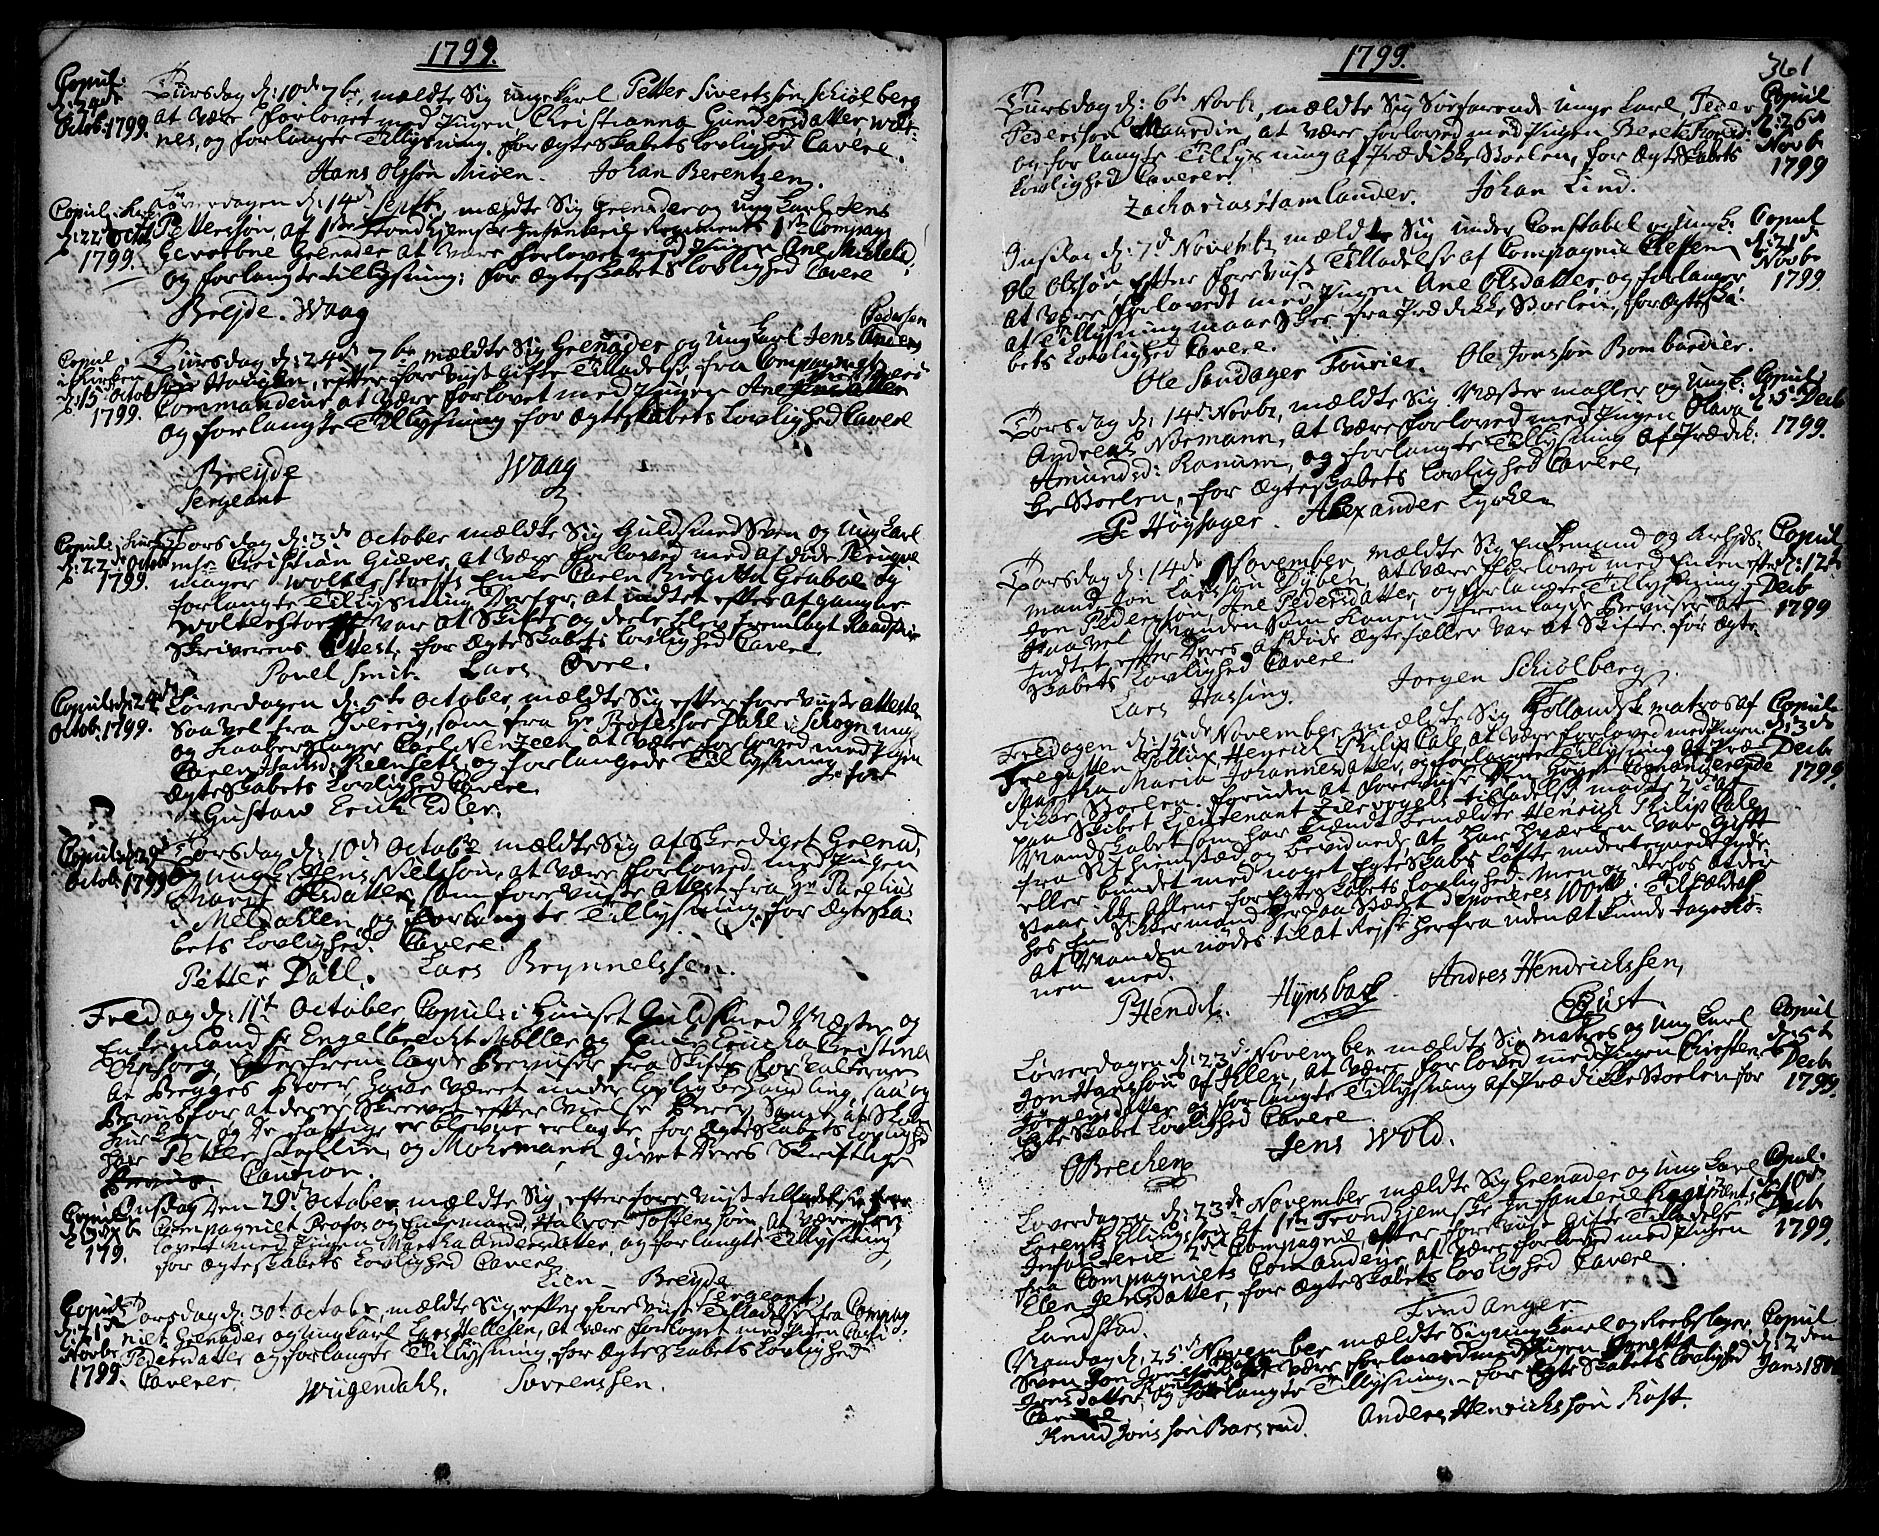 SAT, Ministerialprotokoller, klokkerbøker og fødselsregistre - Sør-Trøndelag, 601/L0038: Ministerialbok nr. 601A06, 1766-1877, s. 361